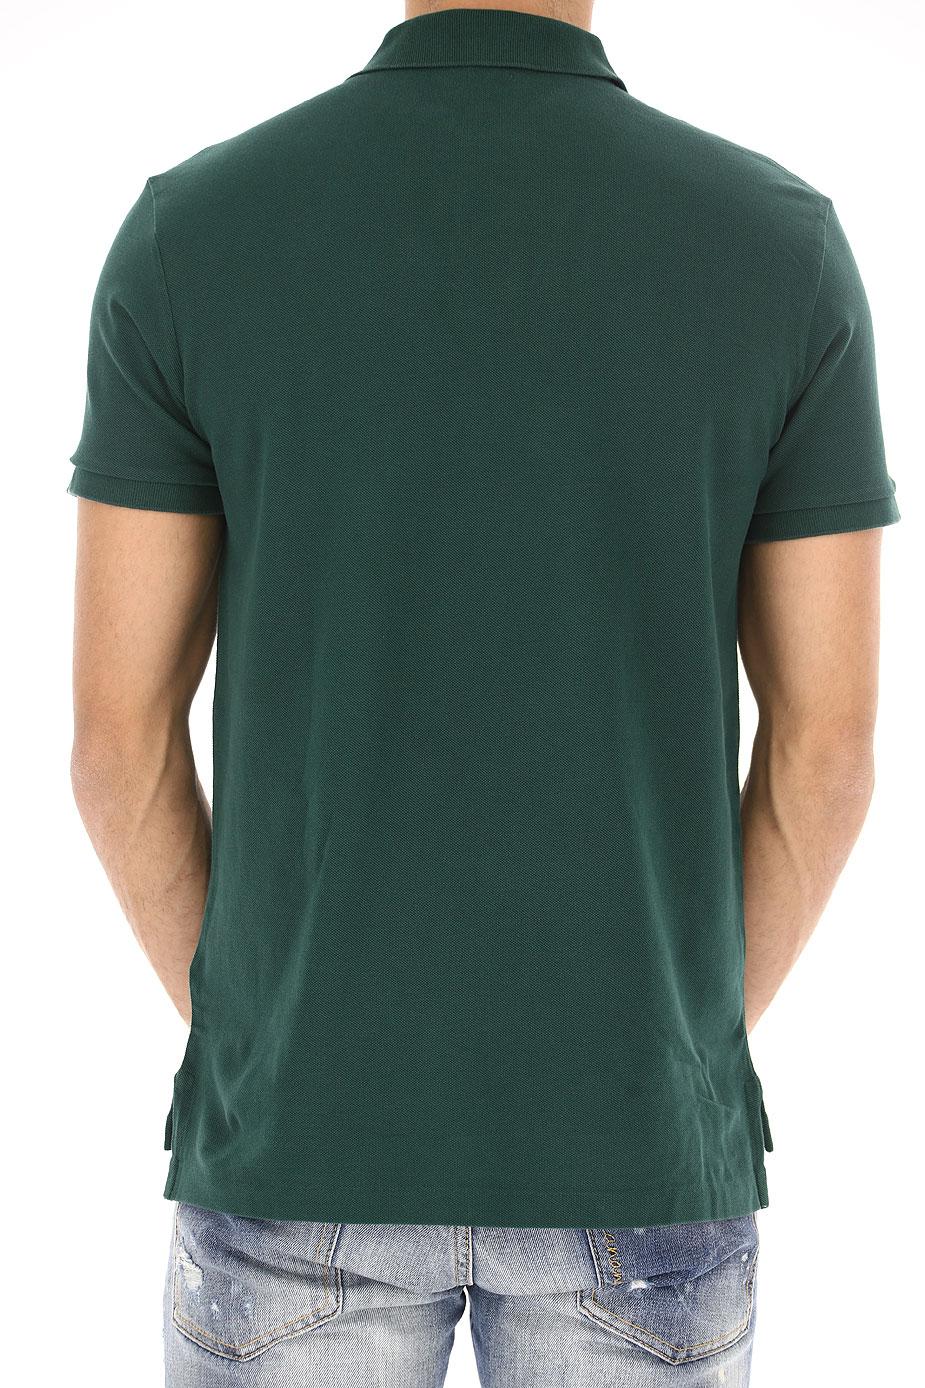 Abbigliamento Uomo Ralph Lauren, Codice Articolo: 710670141003--